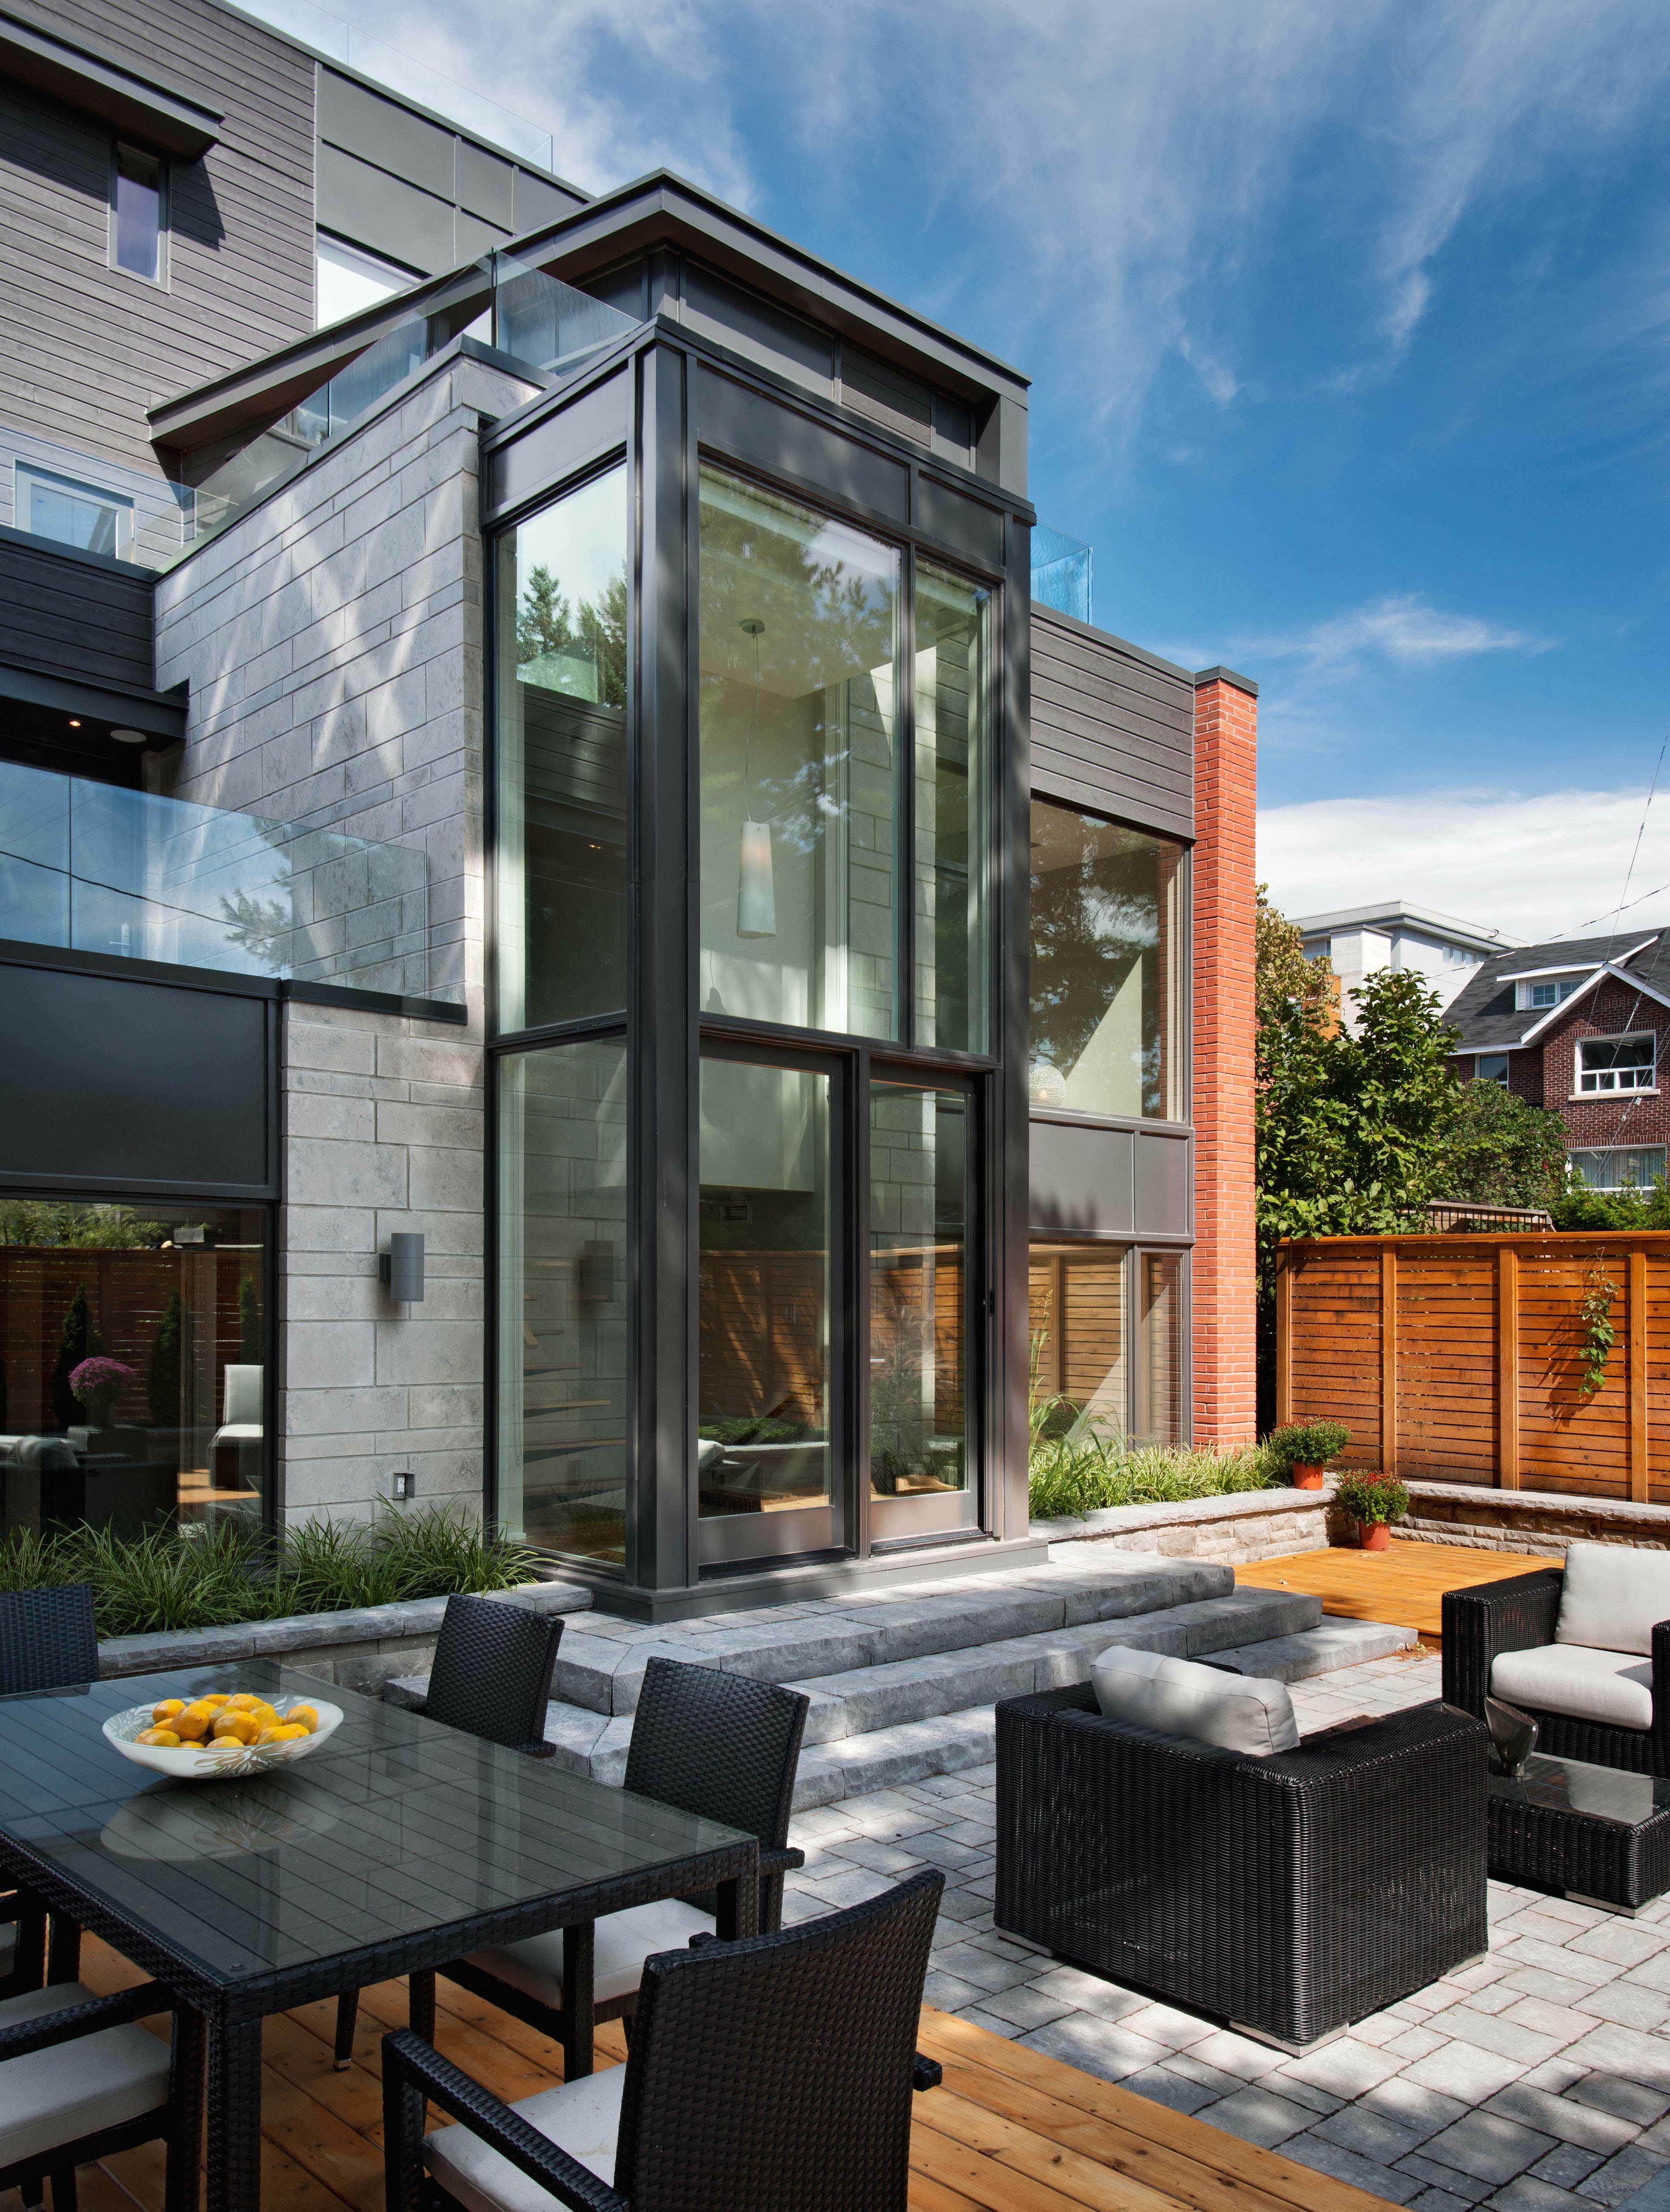 Home Decor Stores Ottawa Garden And Home Decor Shop